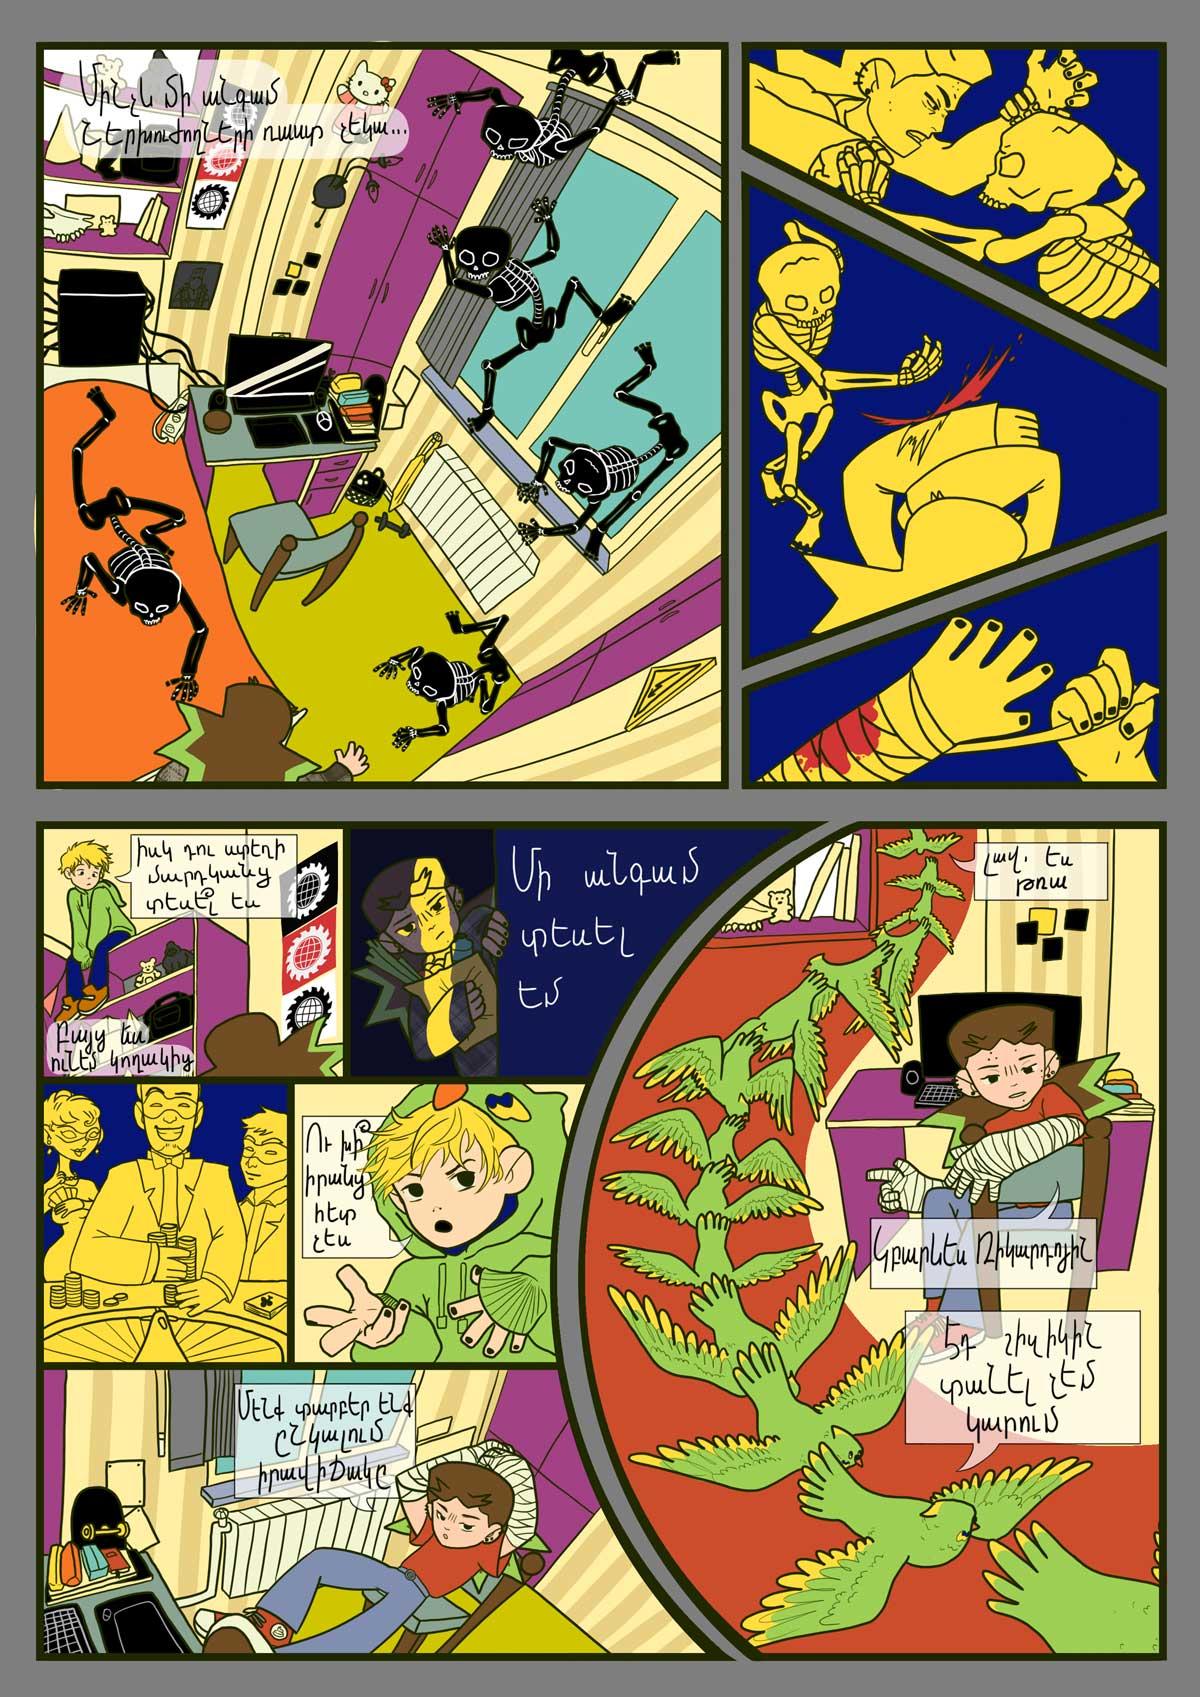 alvard gevorgyan 2 - TumoZine Comics with Shamiram Khachatryan